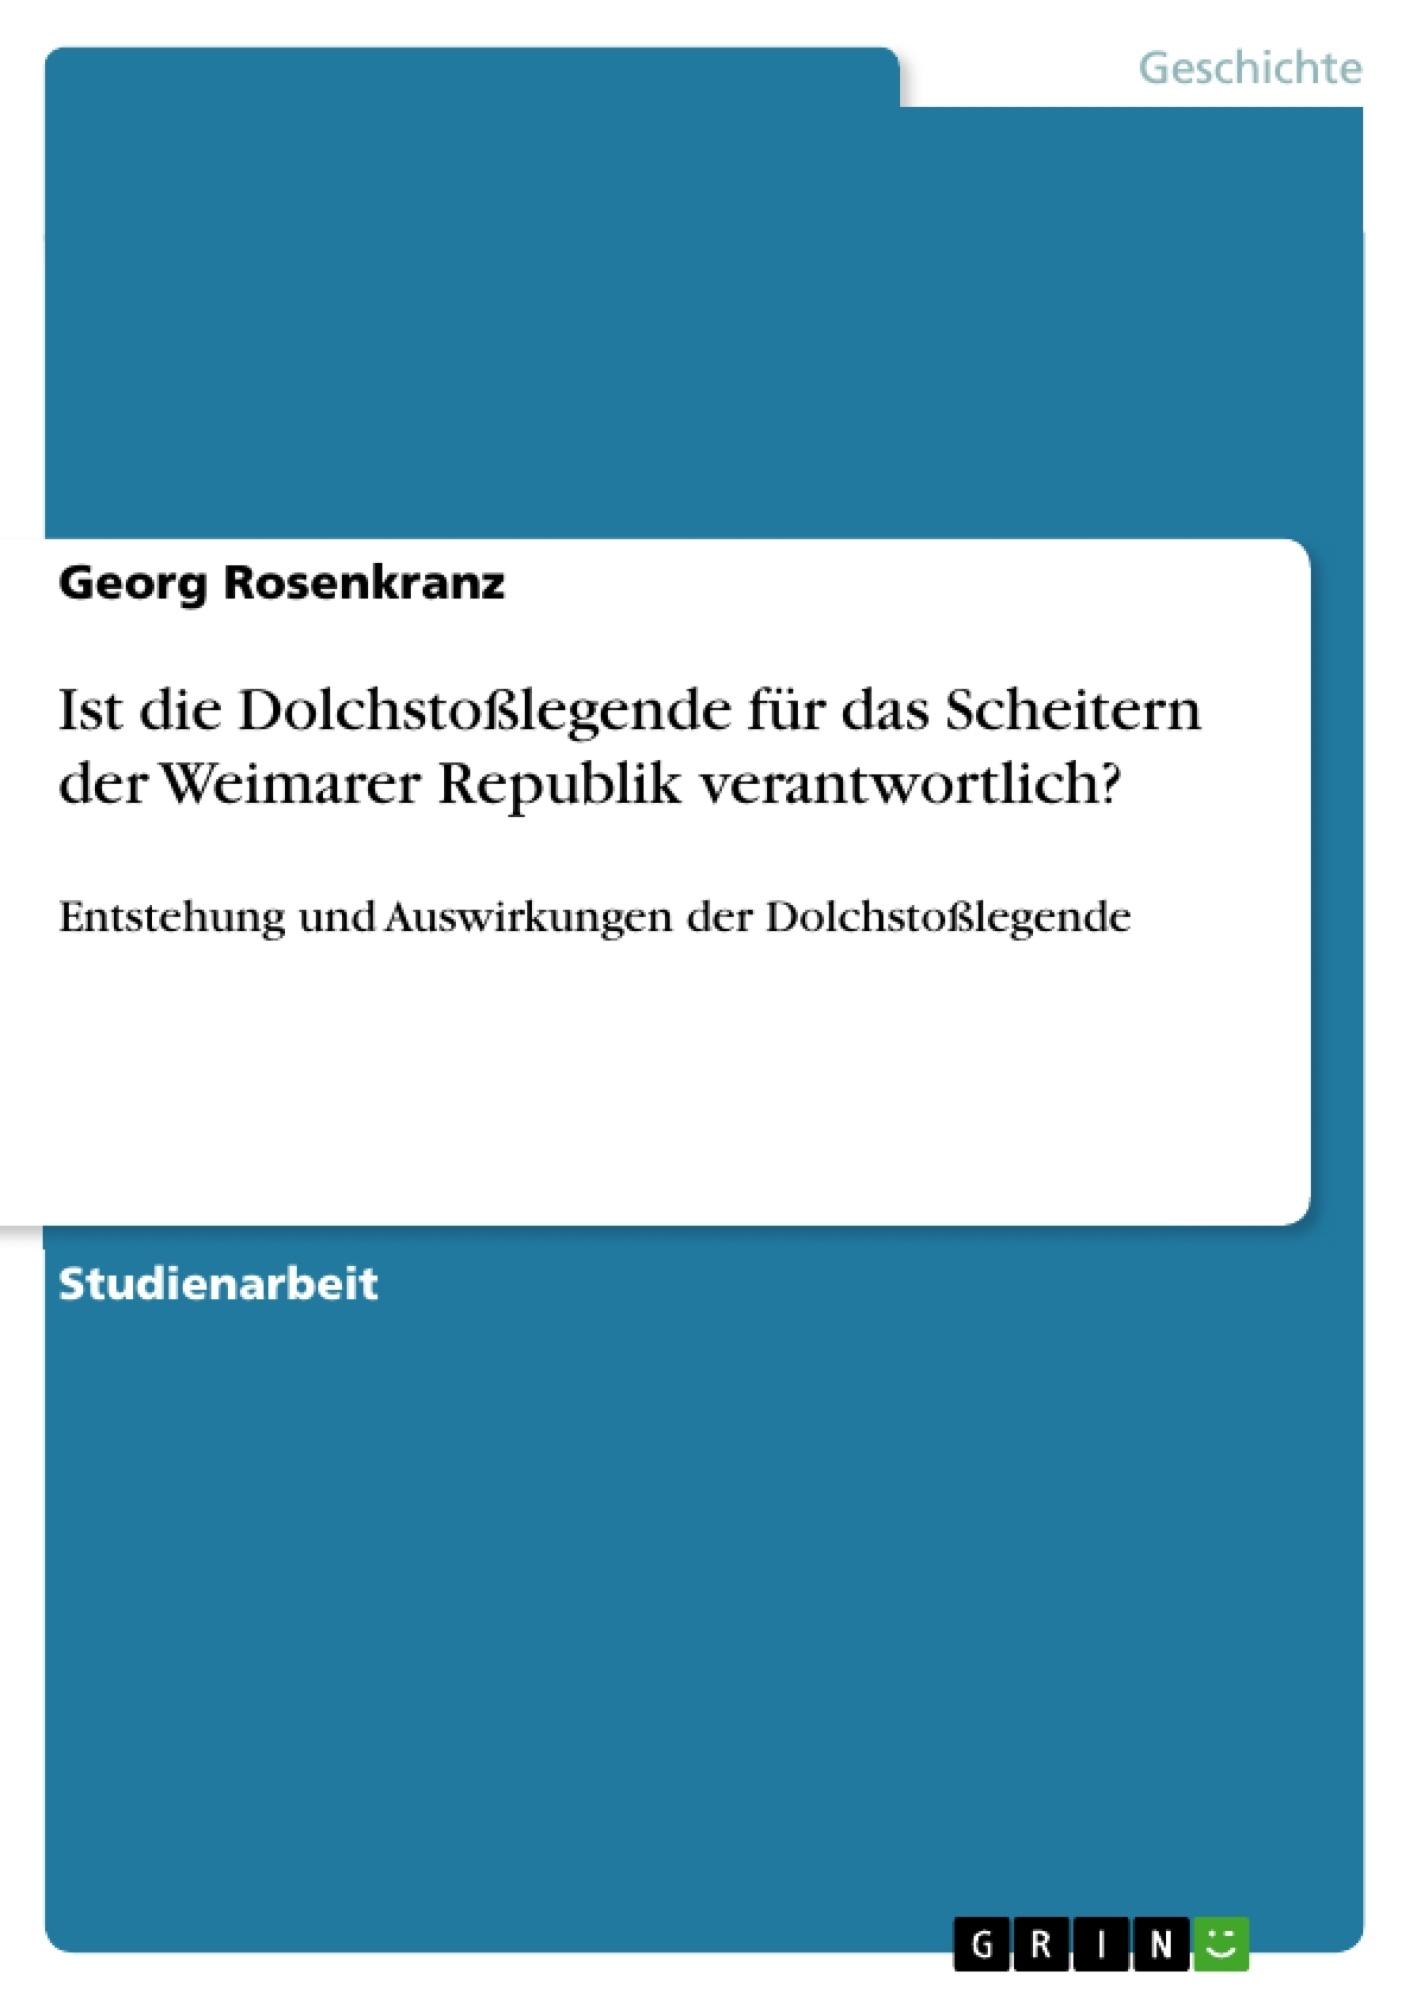 Titel: Ist die Dolchstoßlegende für das Scheitern der Weimarer Republik verantwortlich?